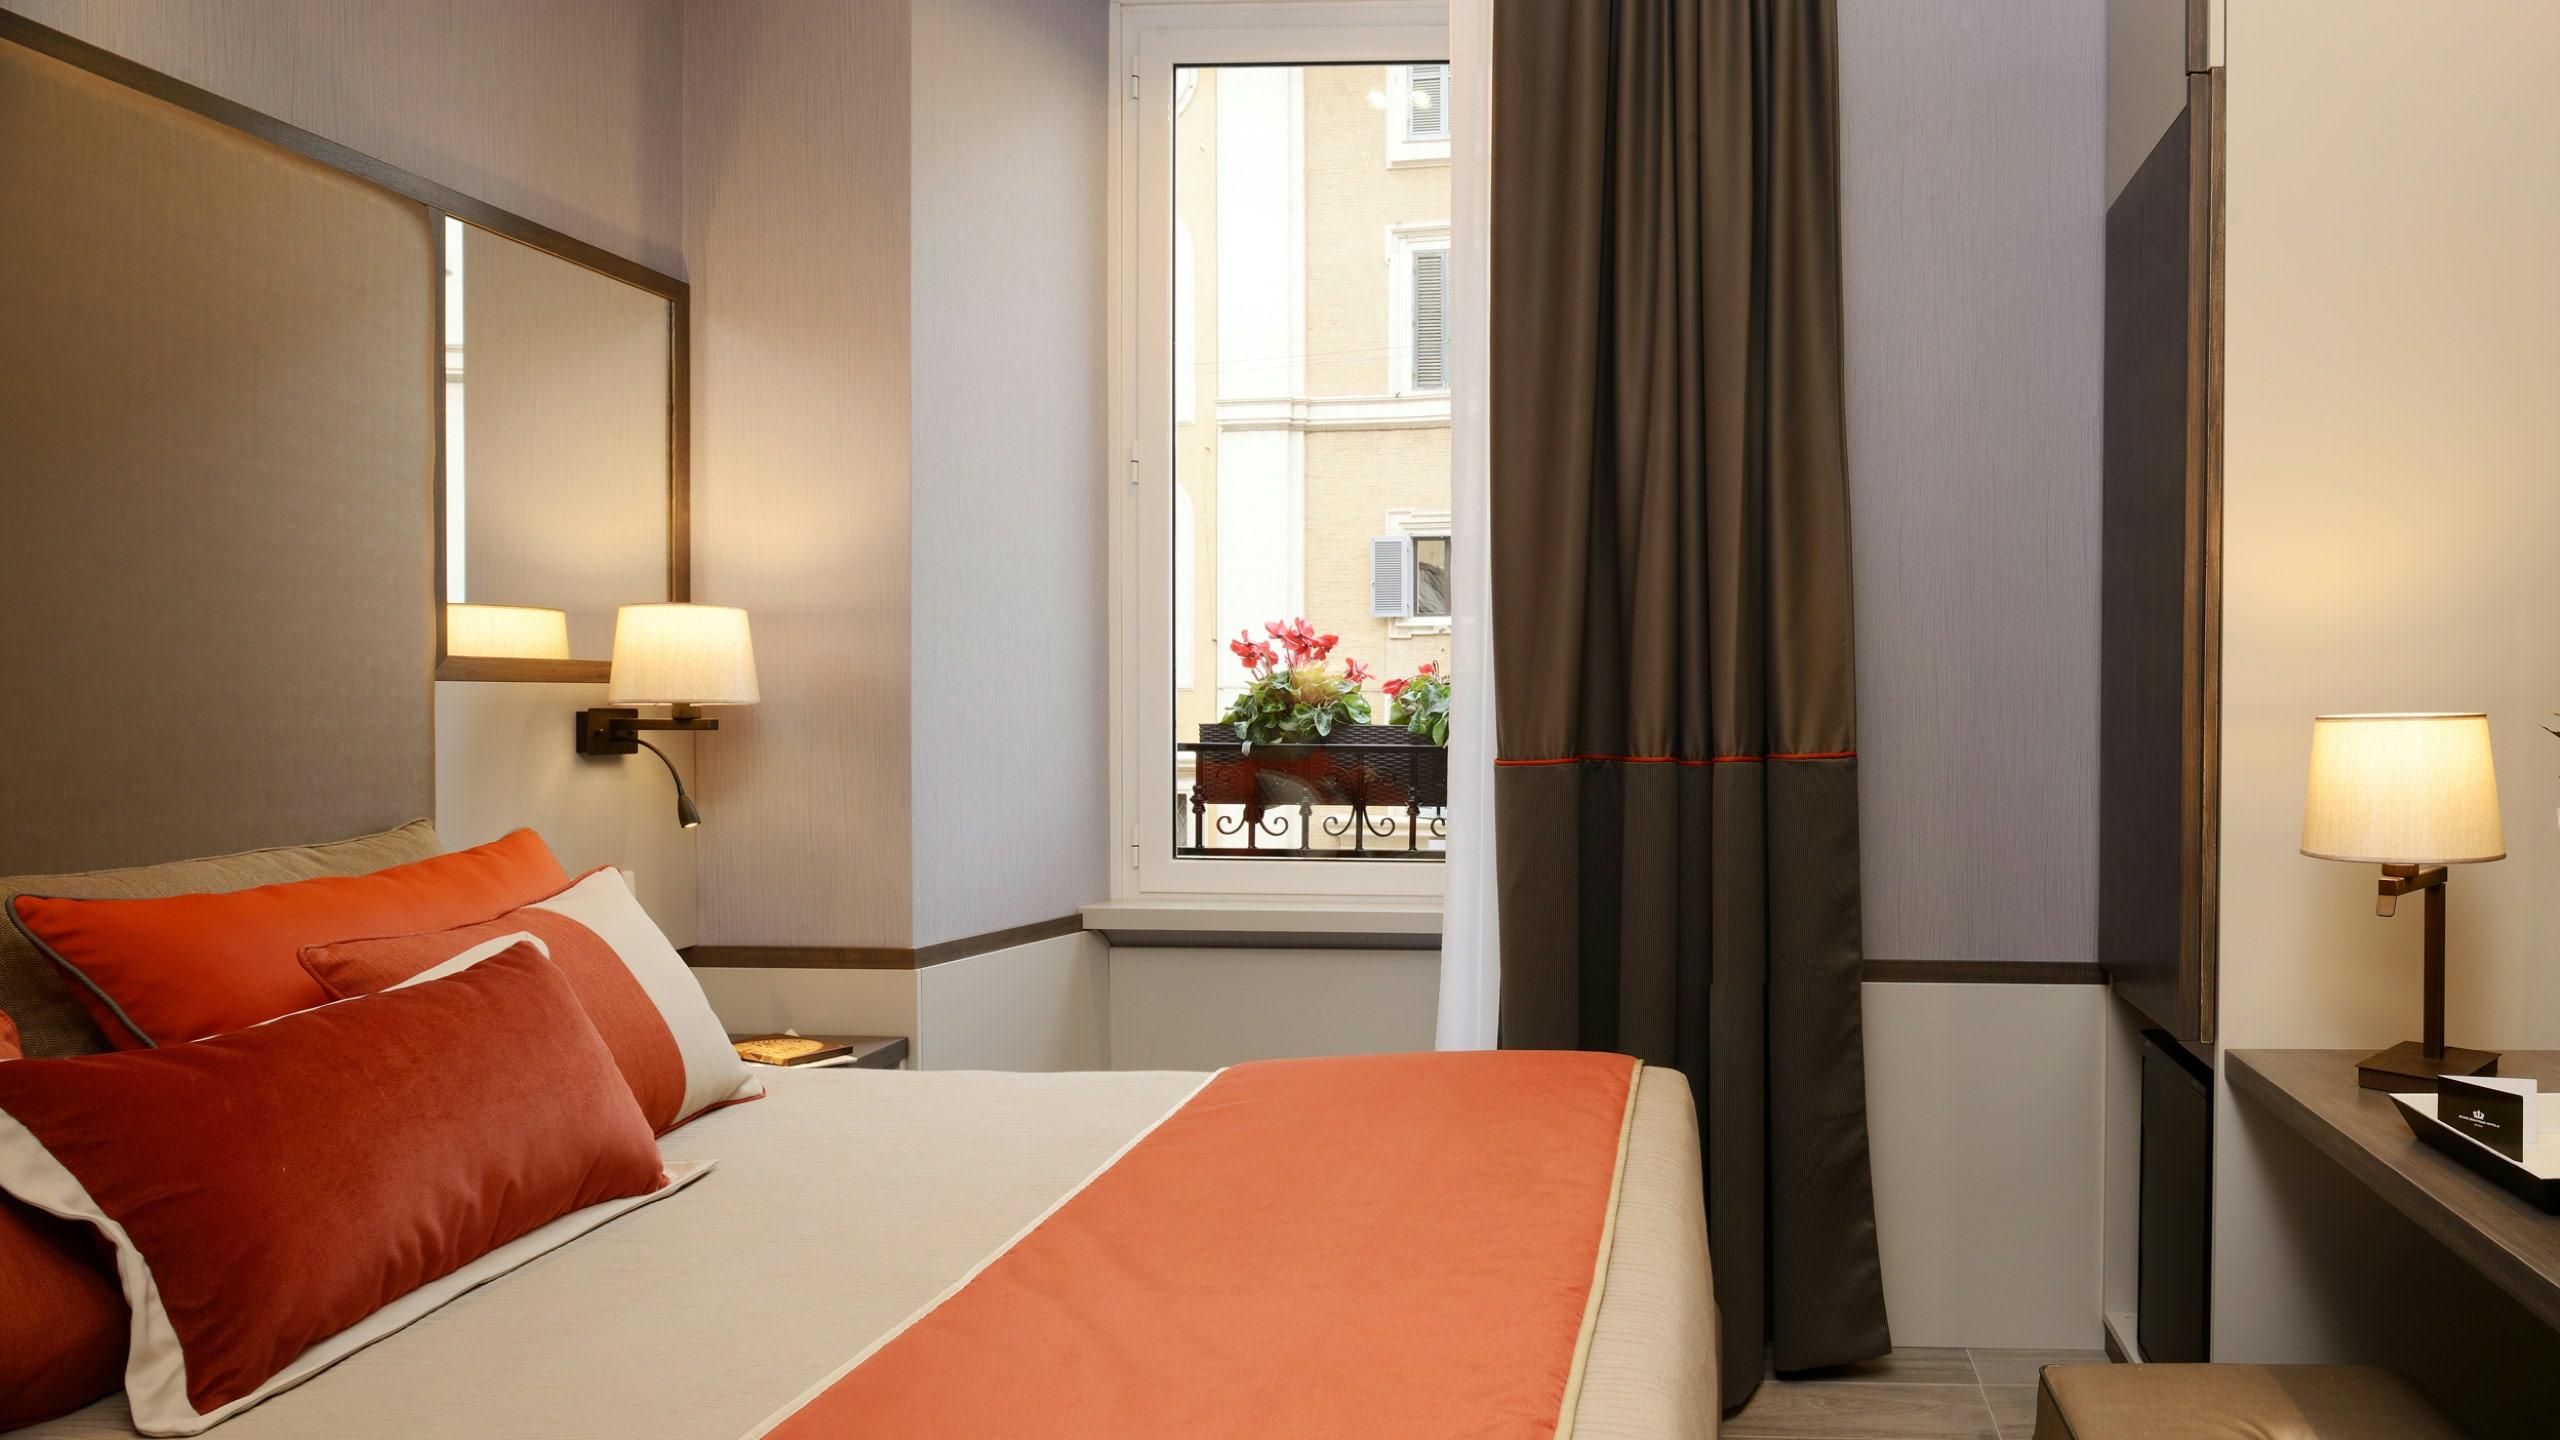 san-carlo-suite-rome-superior-suite-11